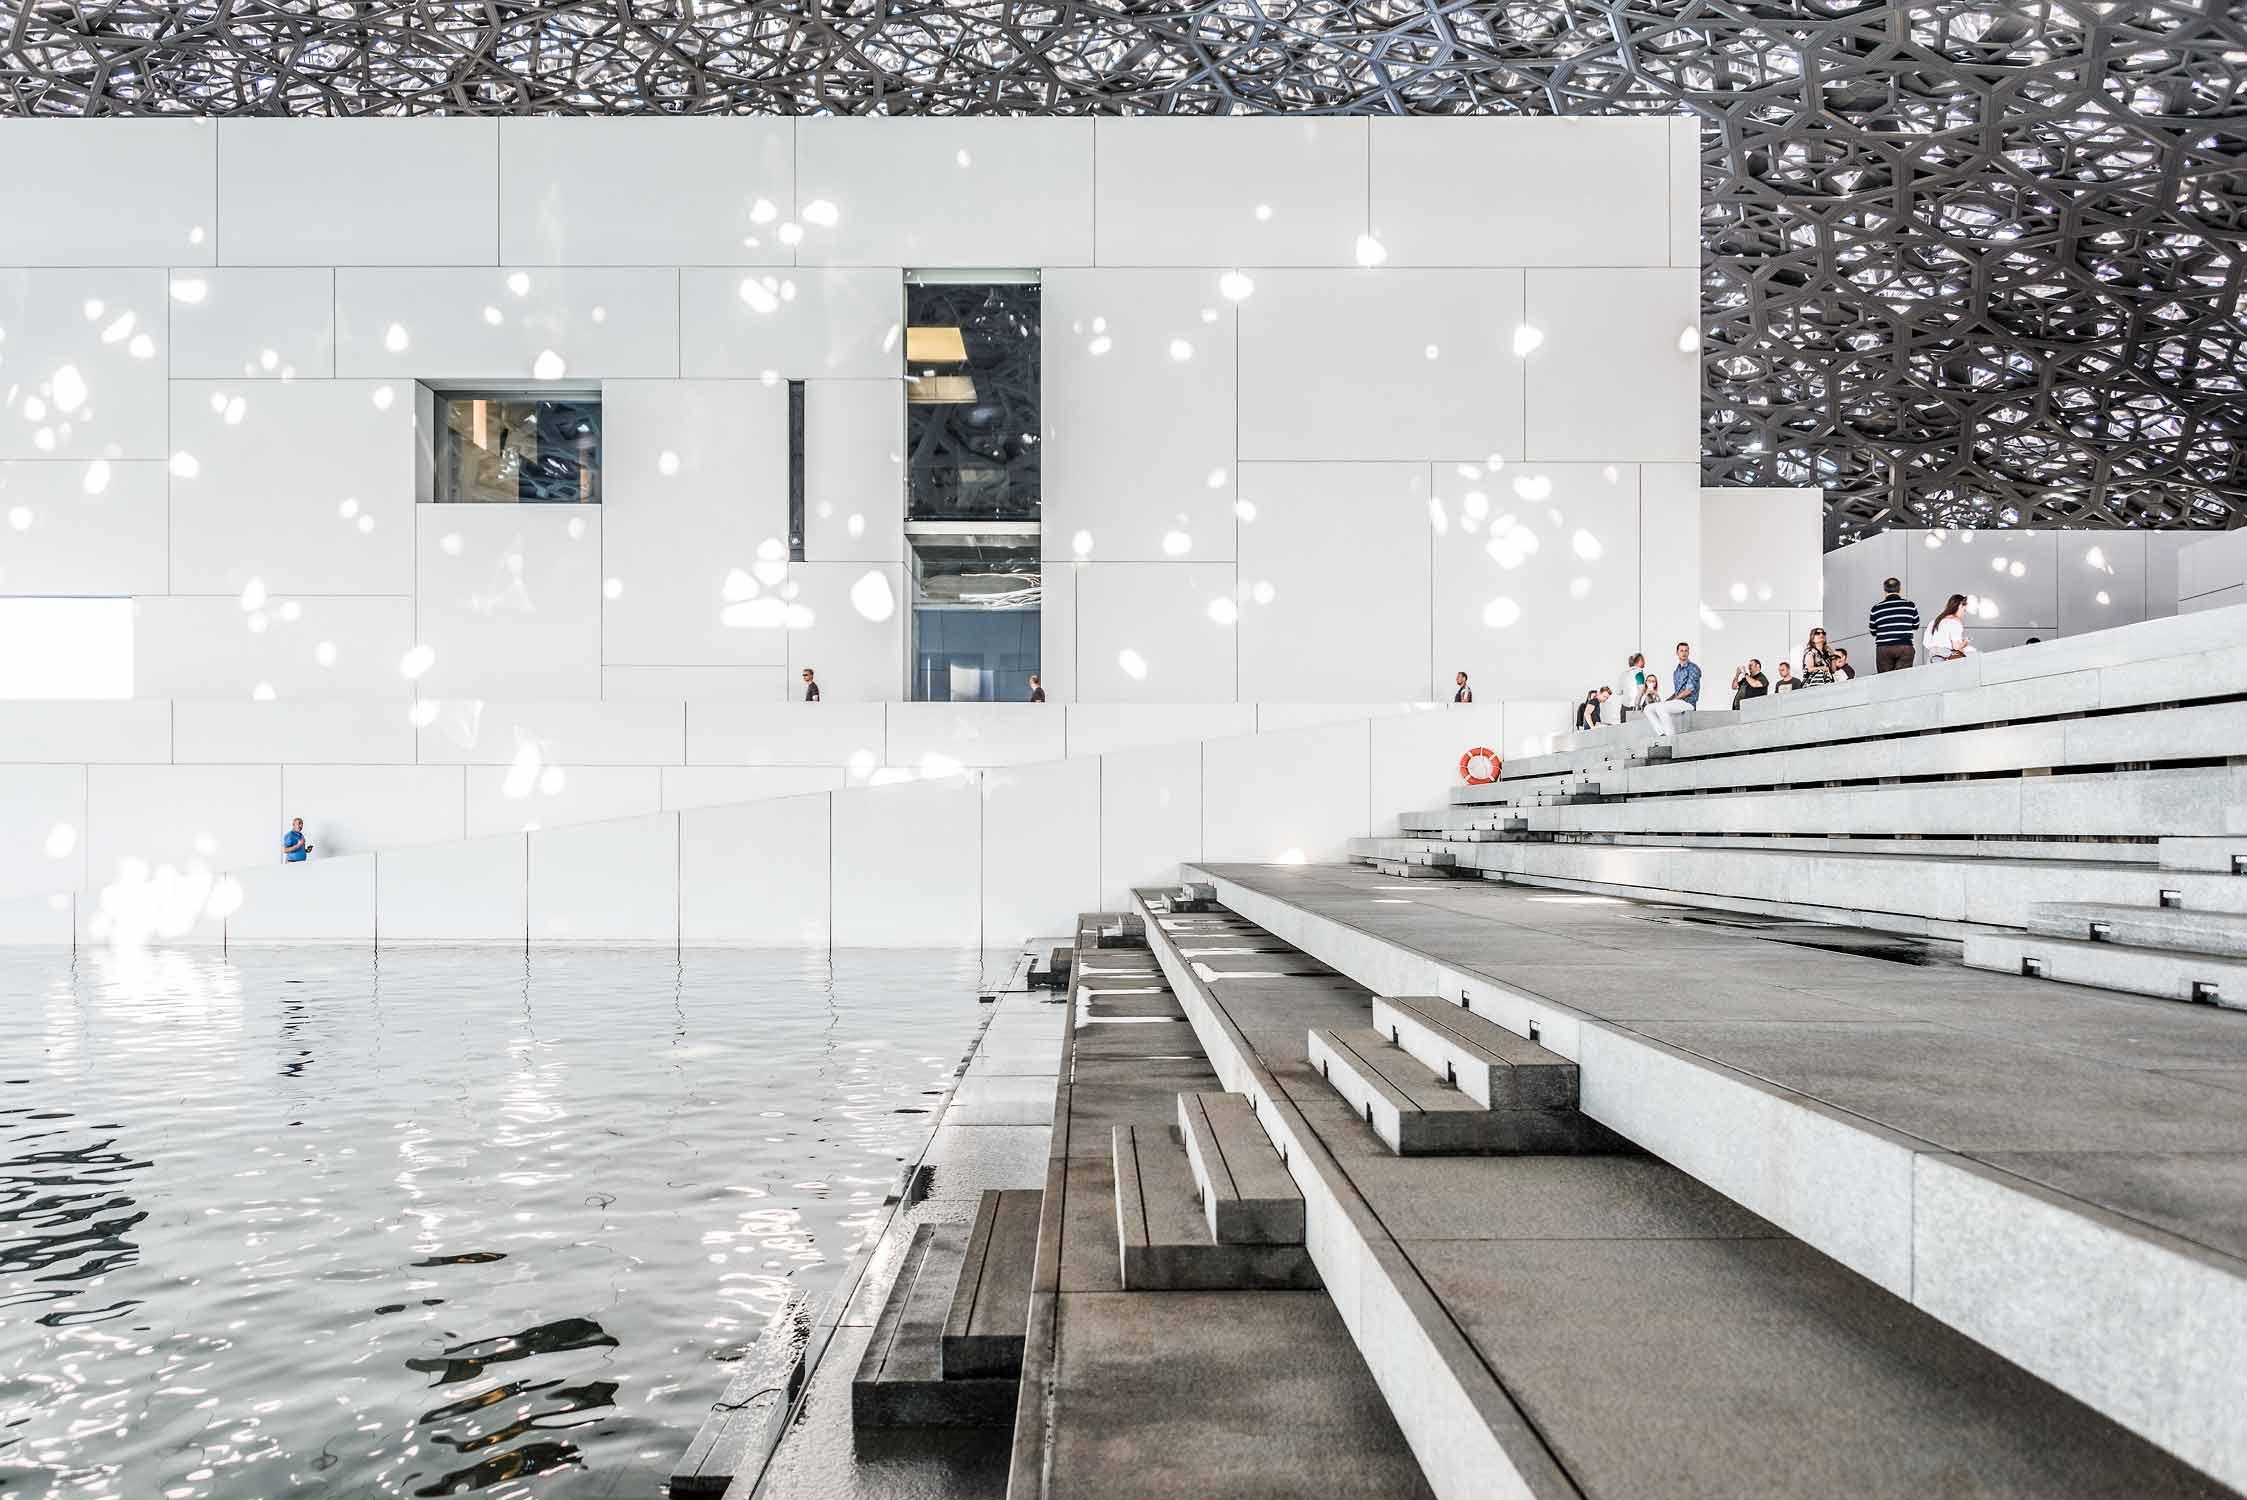 Anlegestelle mit Sitzstufen im Kunstmuseum Louvre von Jean Nouvel in Abu-Dhabi. Weisse Baukörper mit riesigem Kuppeldach, das Lichtstrahlen, wie einen Lichtregen durchlässt.